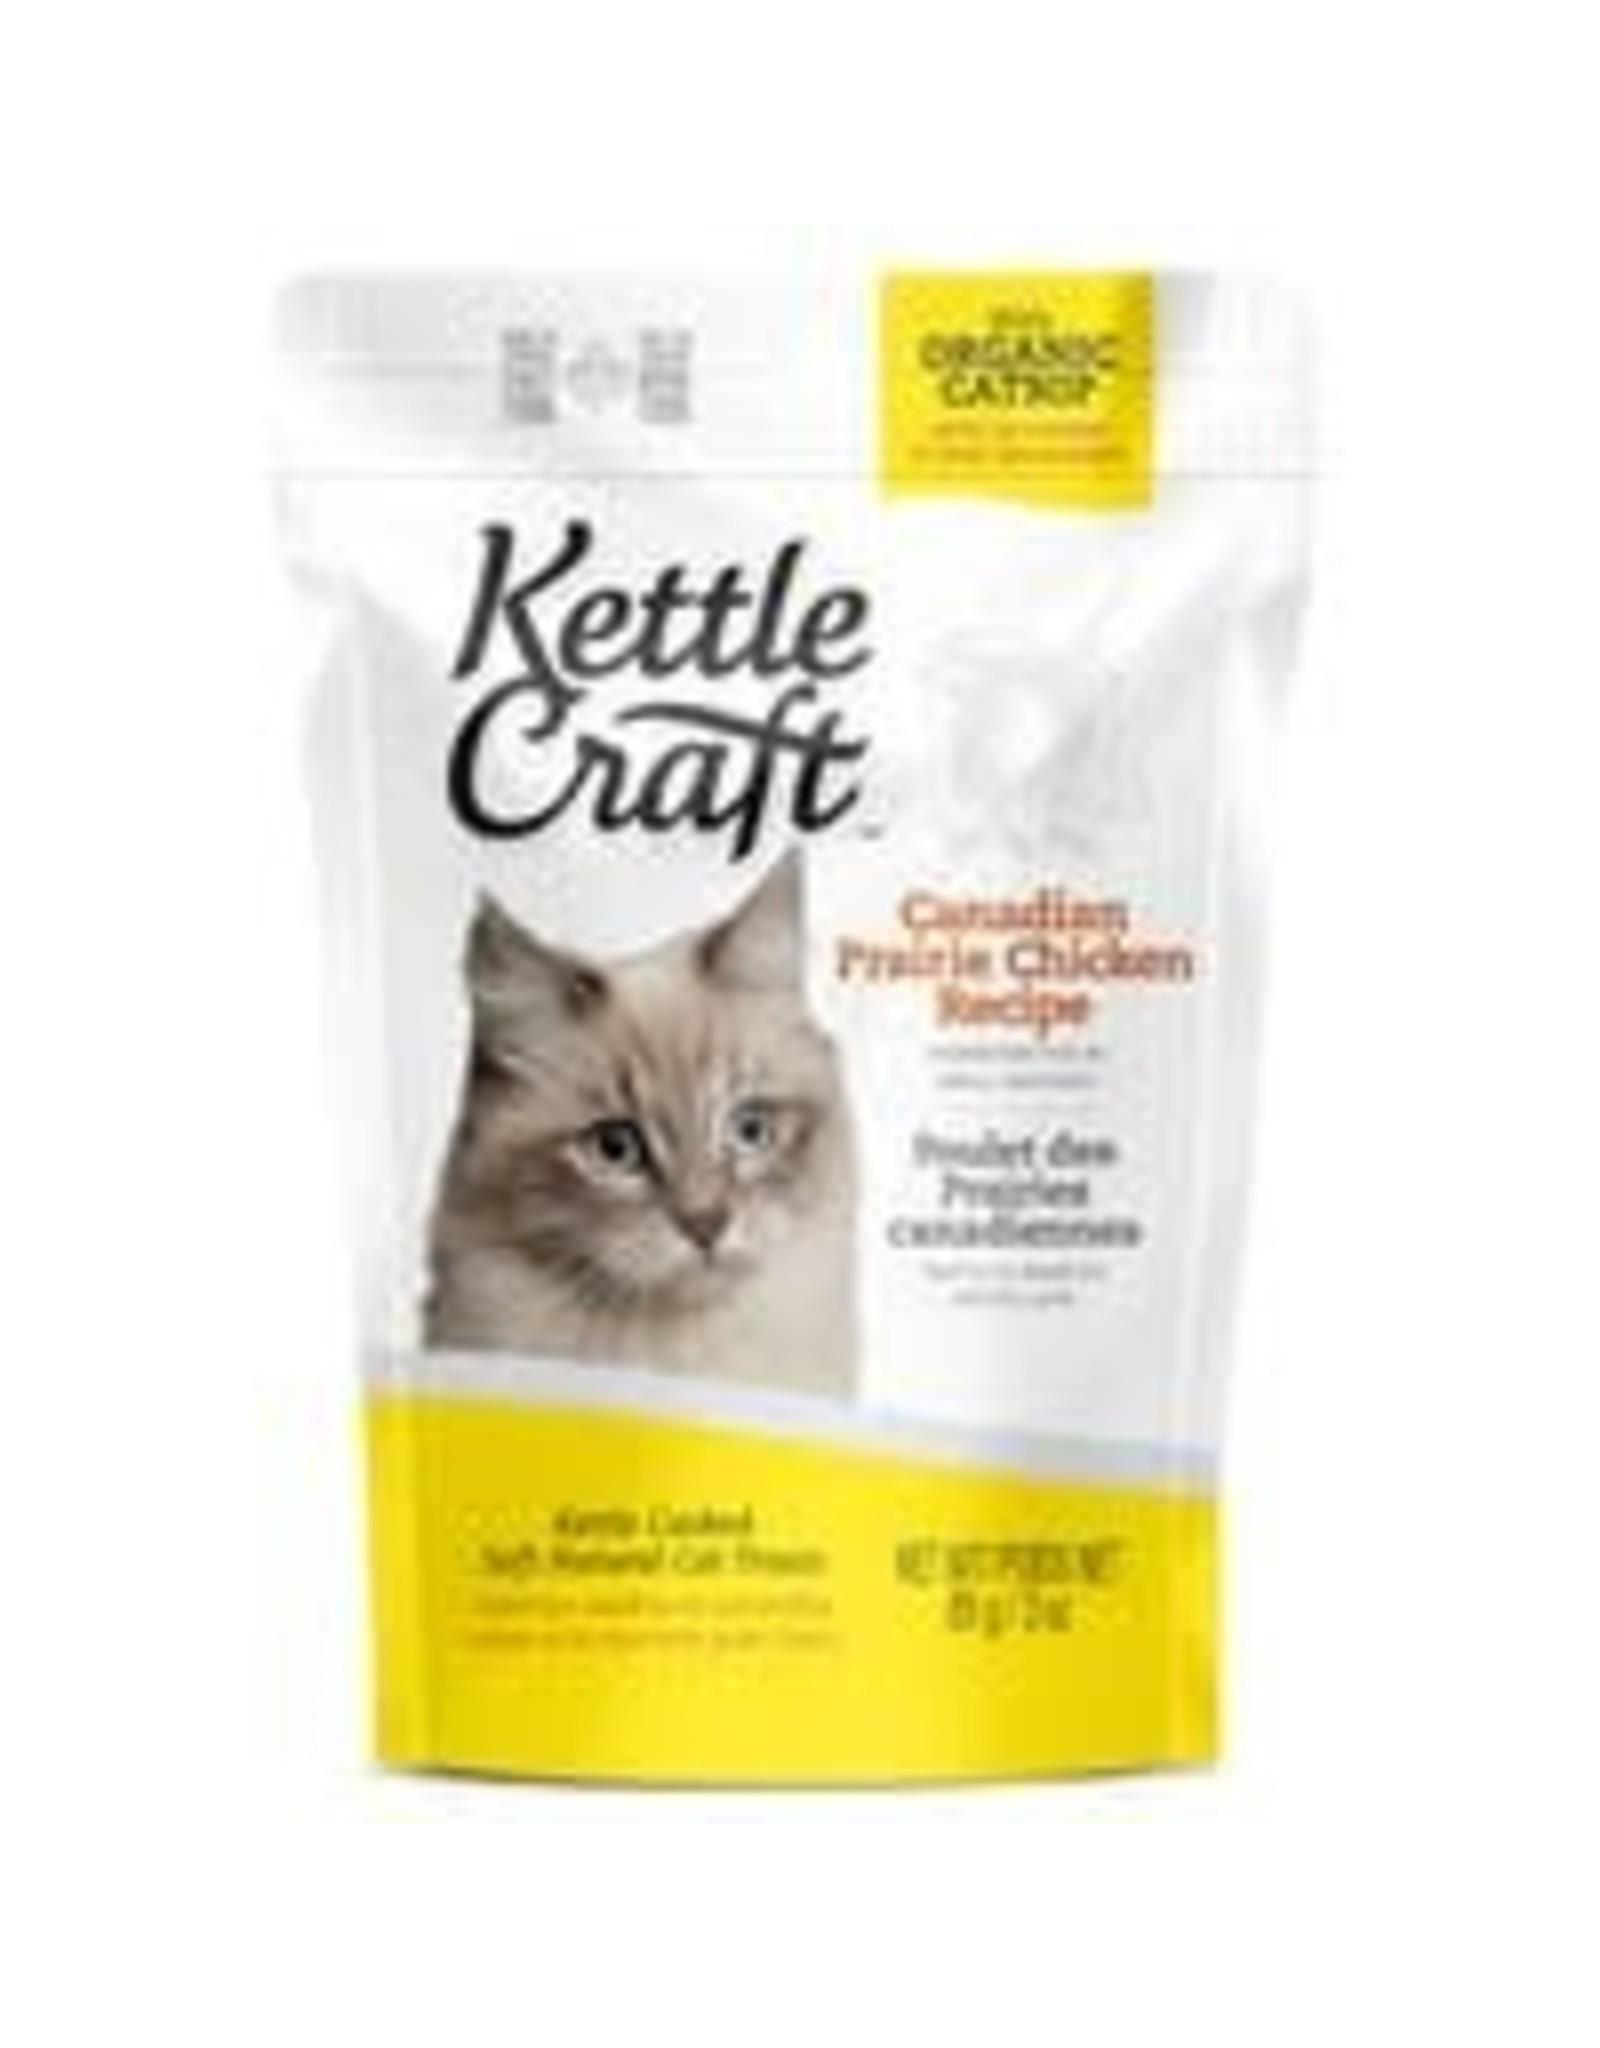 Kettle Craft K.C. Cat - Canadian Prairie Chicken  85g